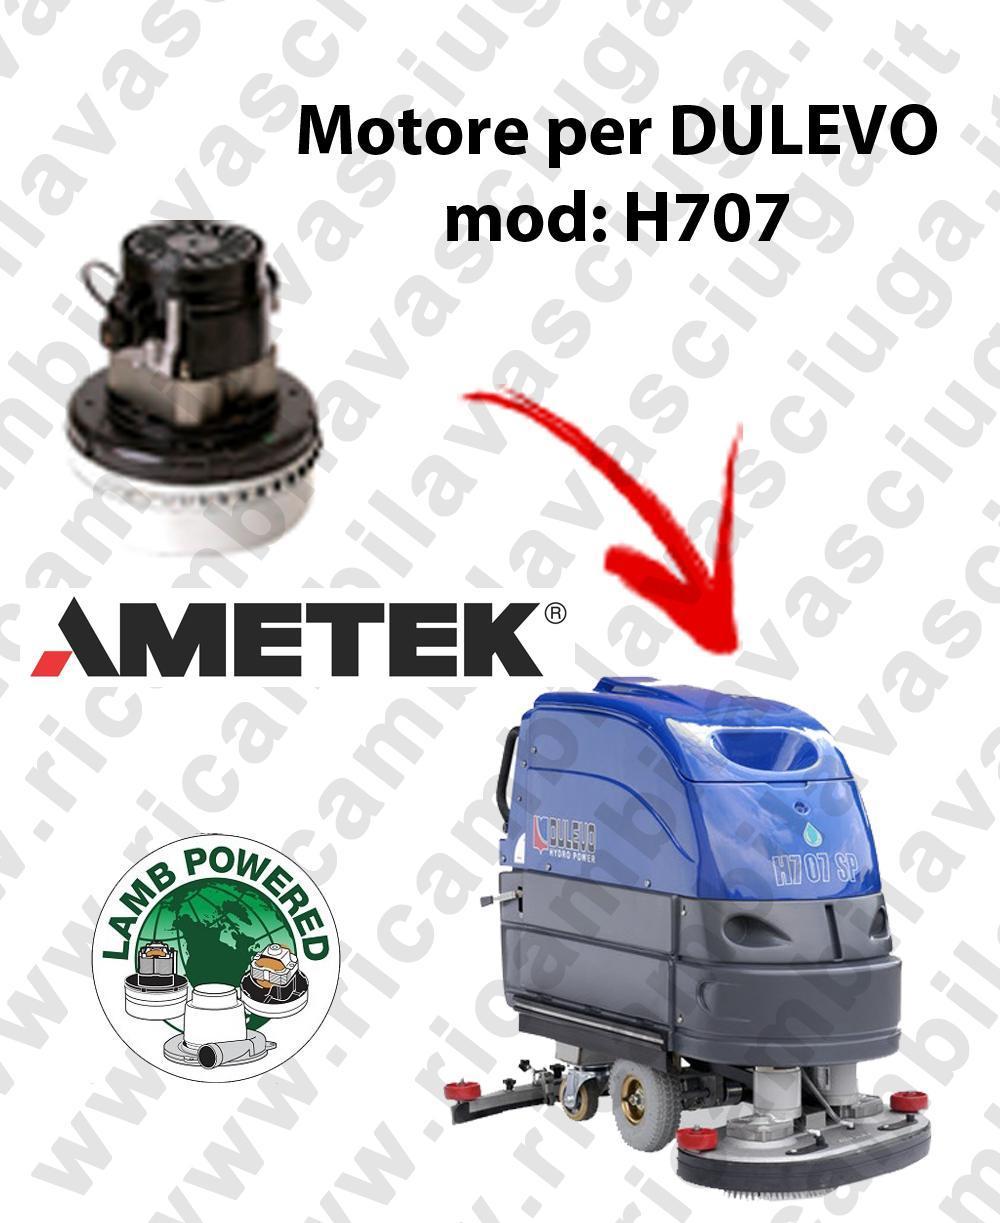 H707 MOTEUR ASPIRATION LAMB AMATEK pour autolaveuses DULEVO